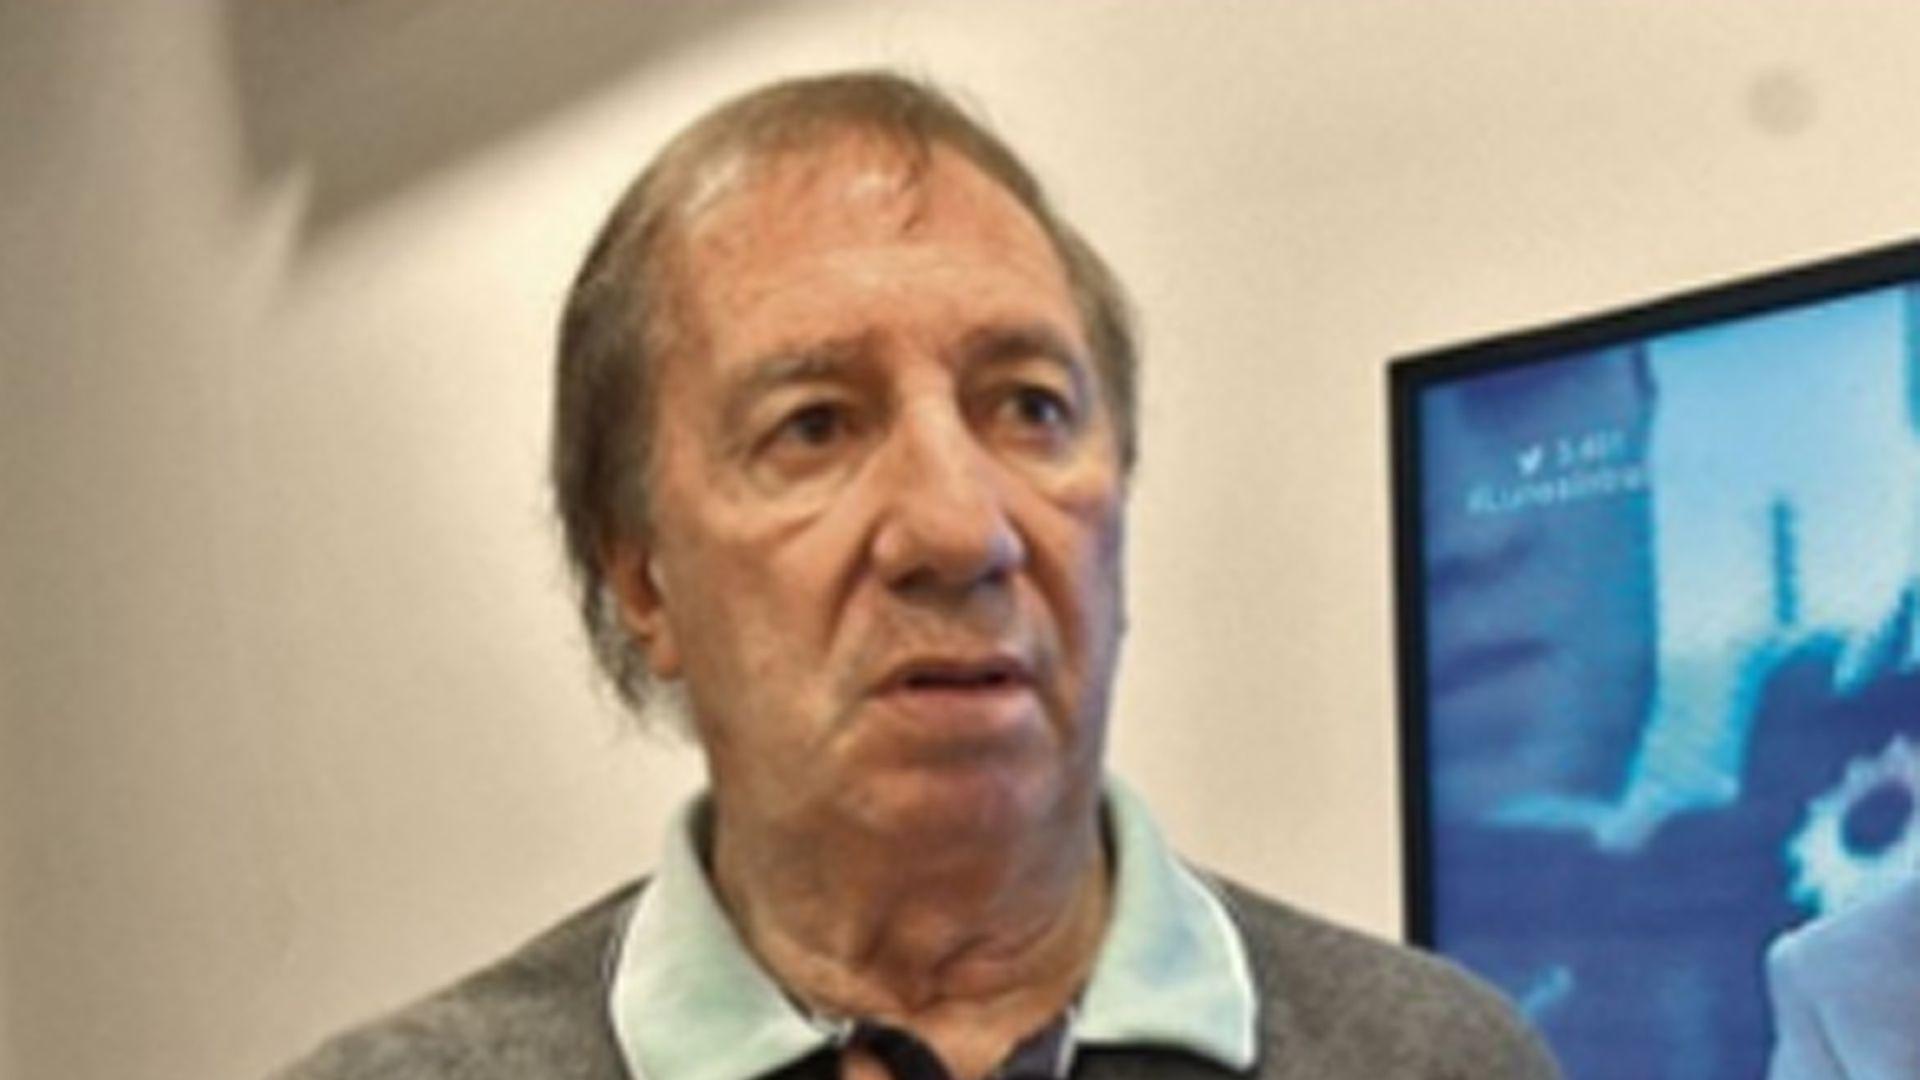 El ex técnico de la Selección Argentina de fútbol campeona del mundo padece un extraño síndrome desde 2017